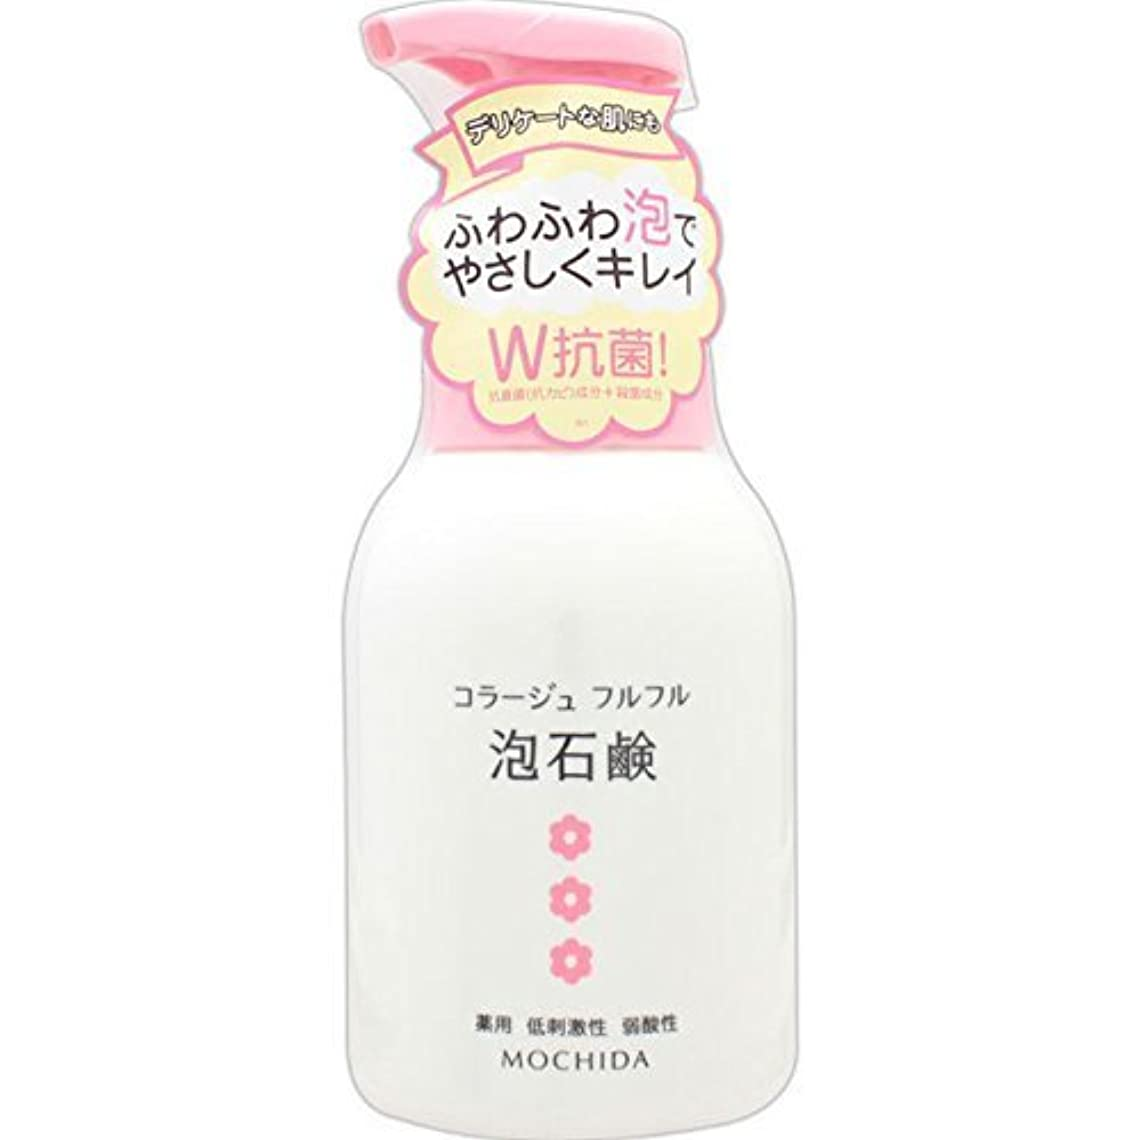 代表団禁止する経度コラージュフルフル 泡石鹸 ピンク 300m L (医薬部外品) ×8